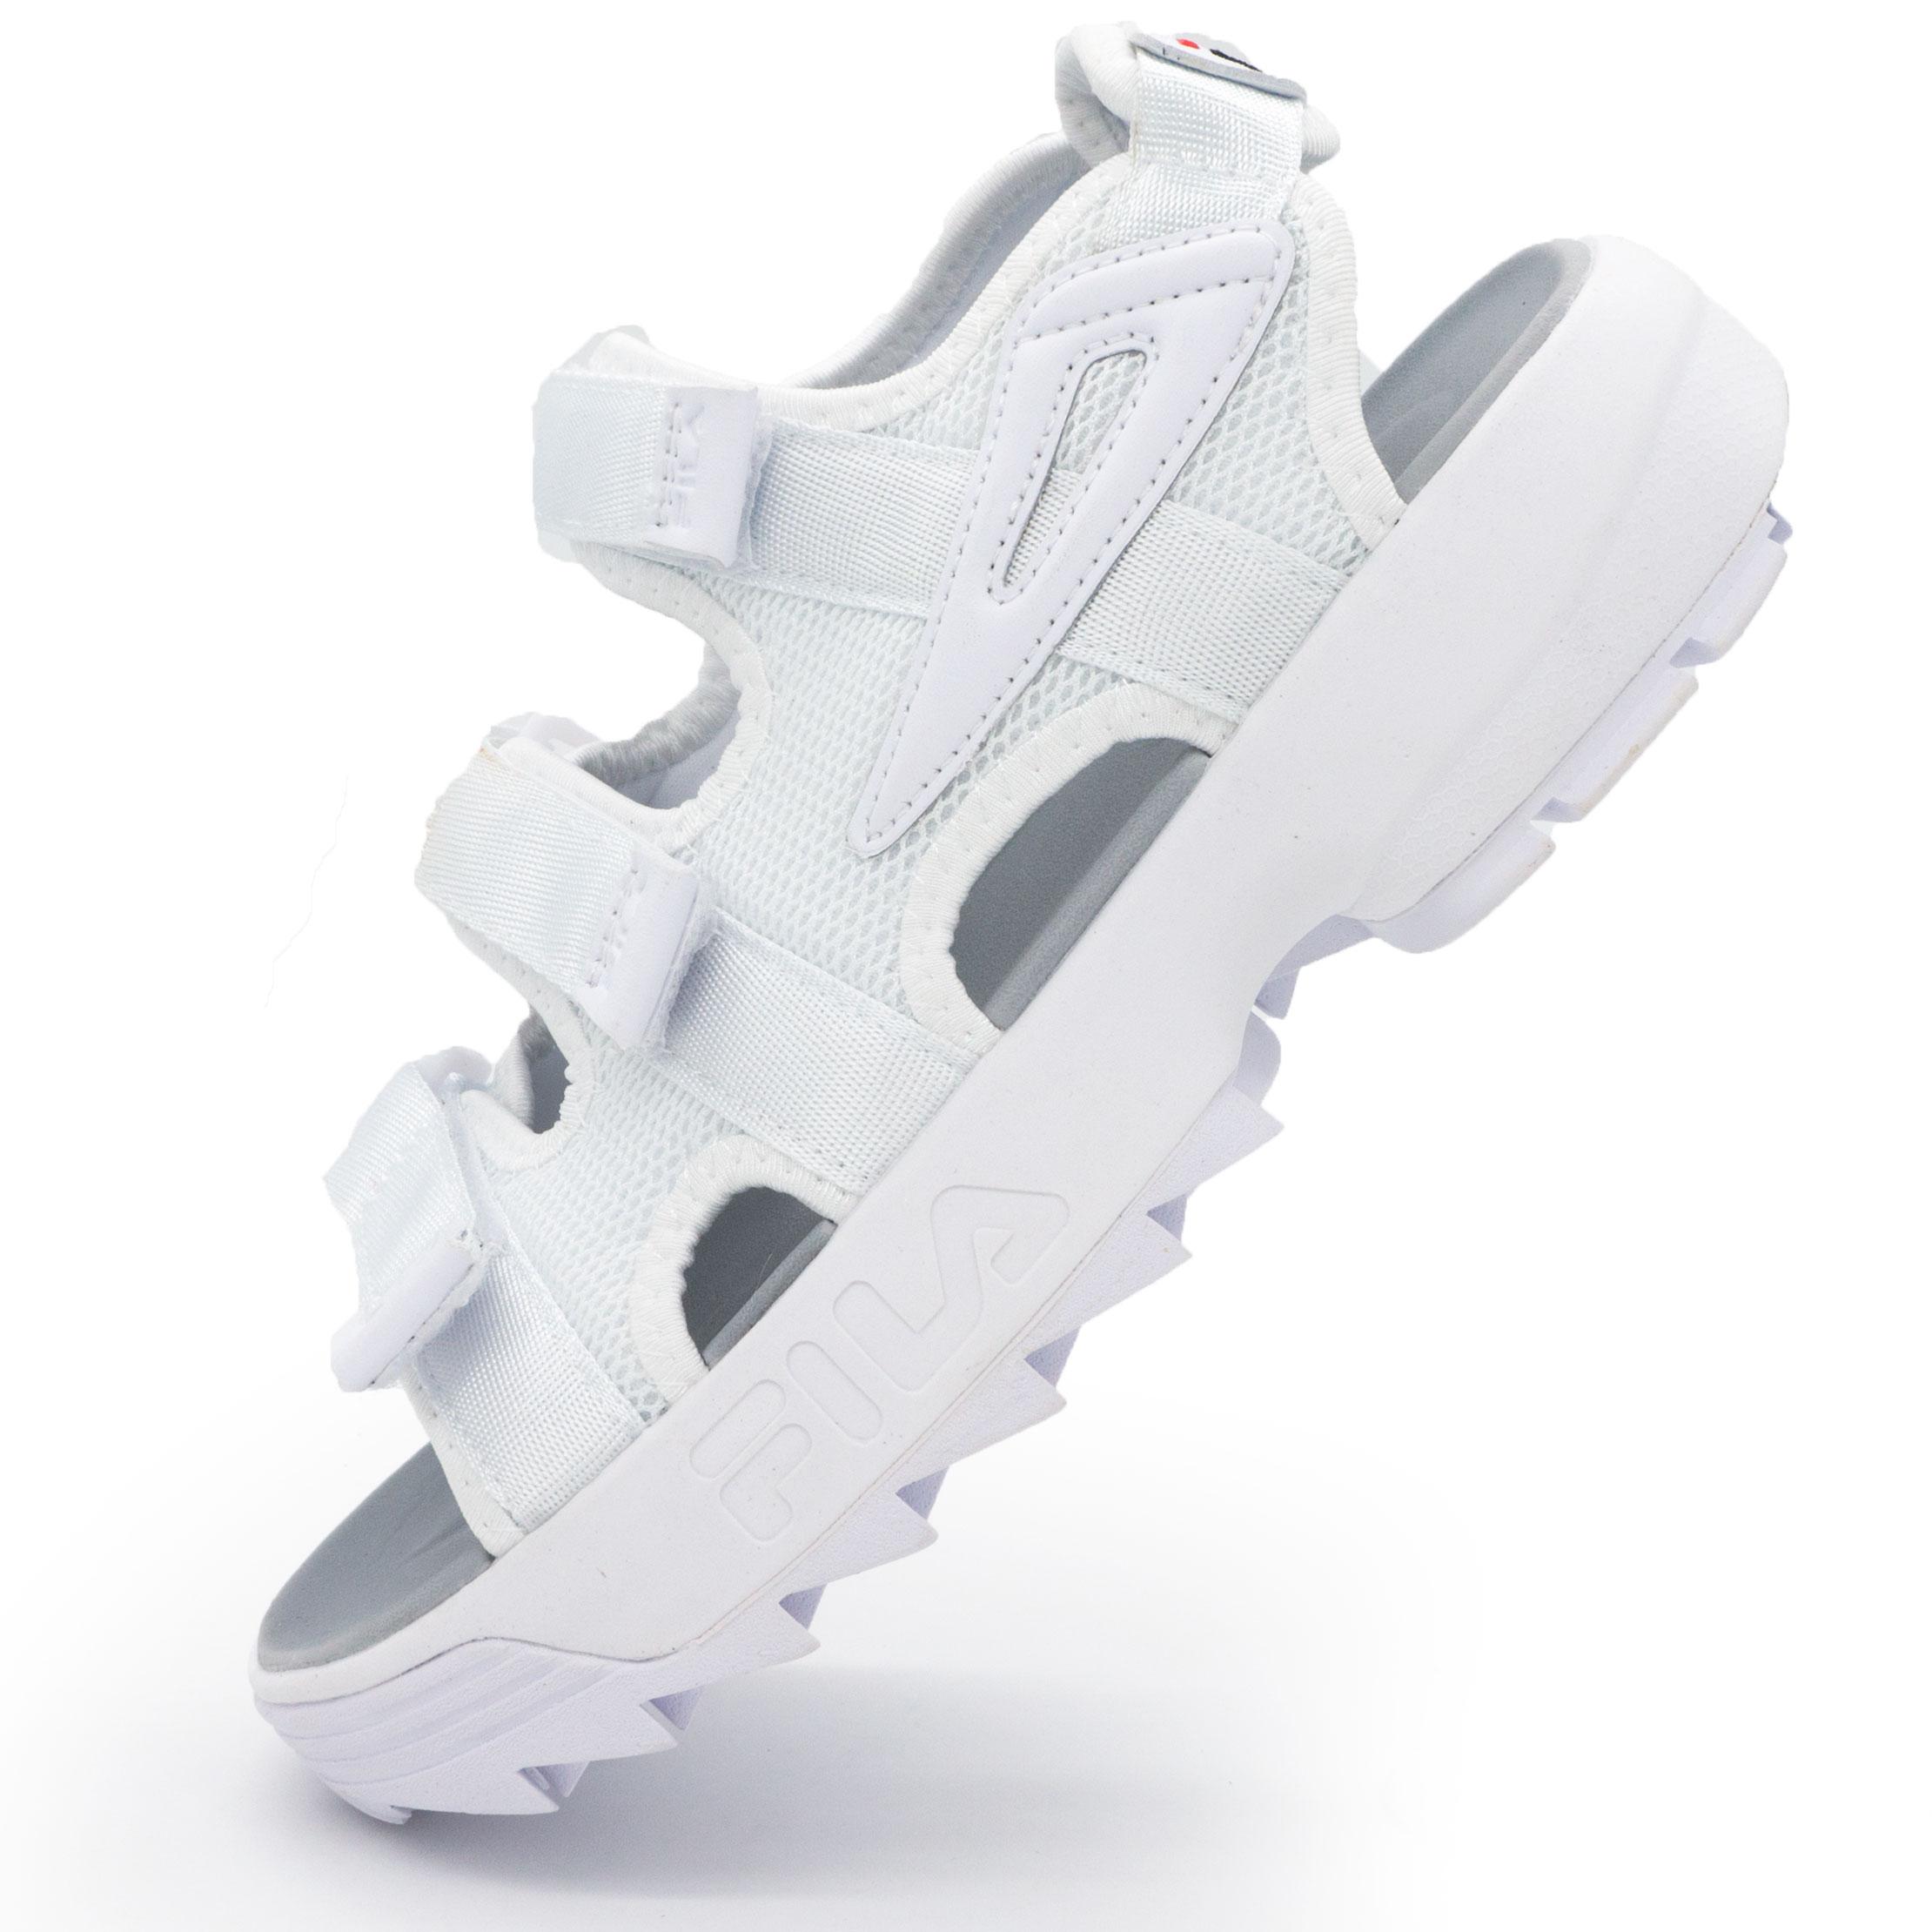 Женские белые сандали FILA Disruptor 2, купить кроссовки Фила ... f4033c99926